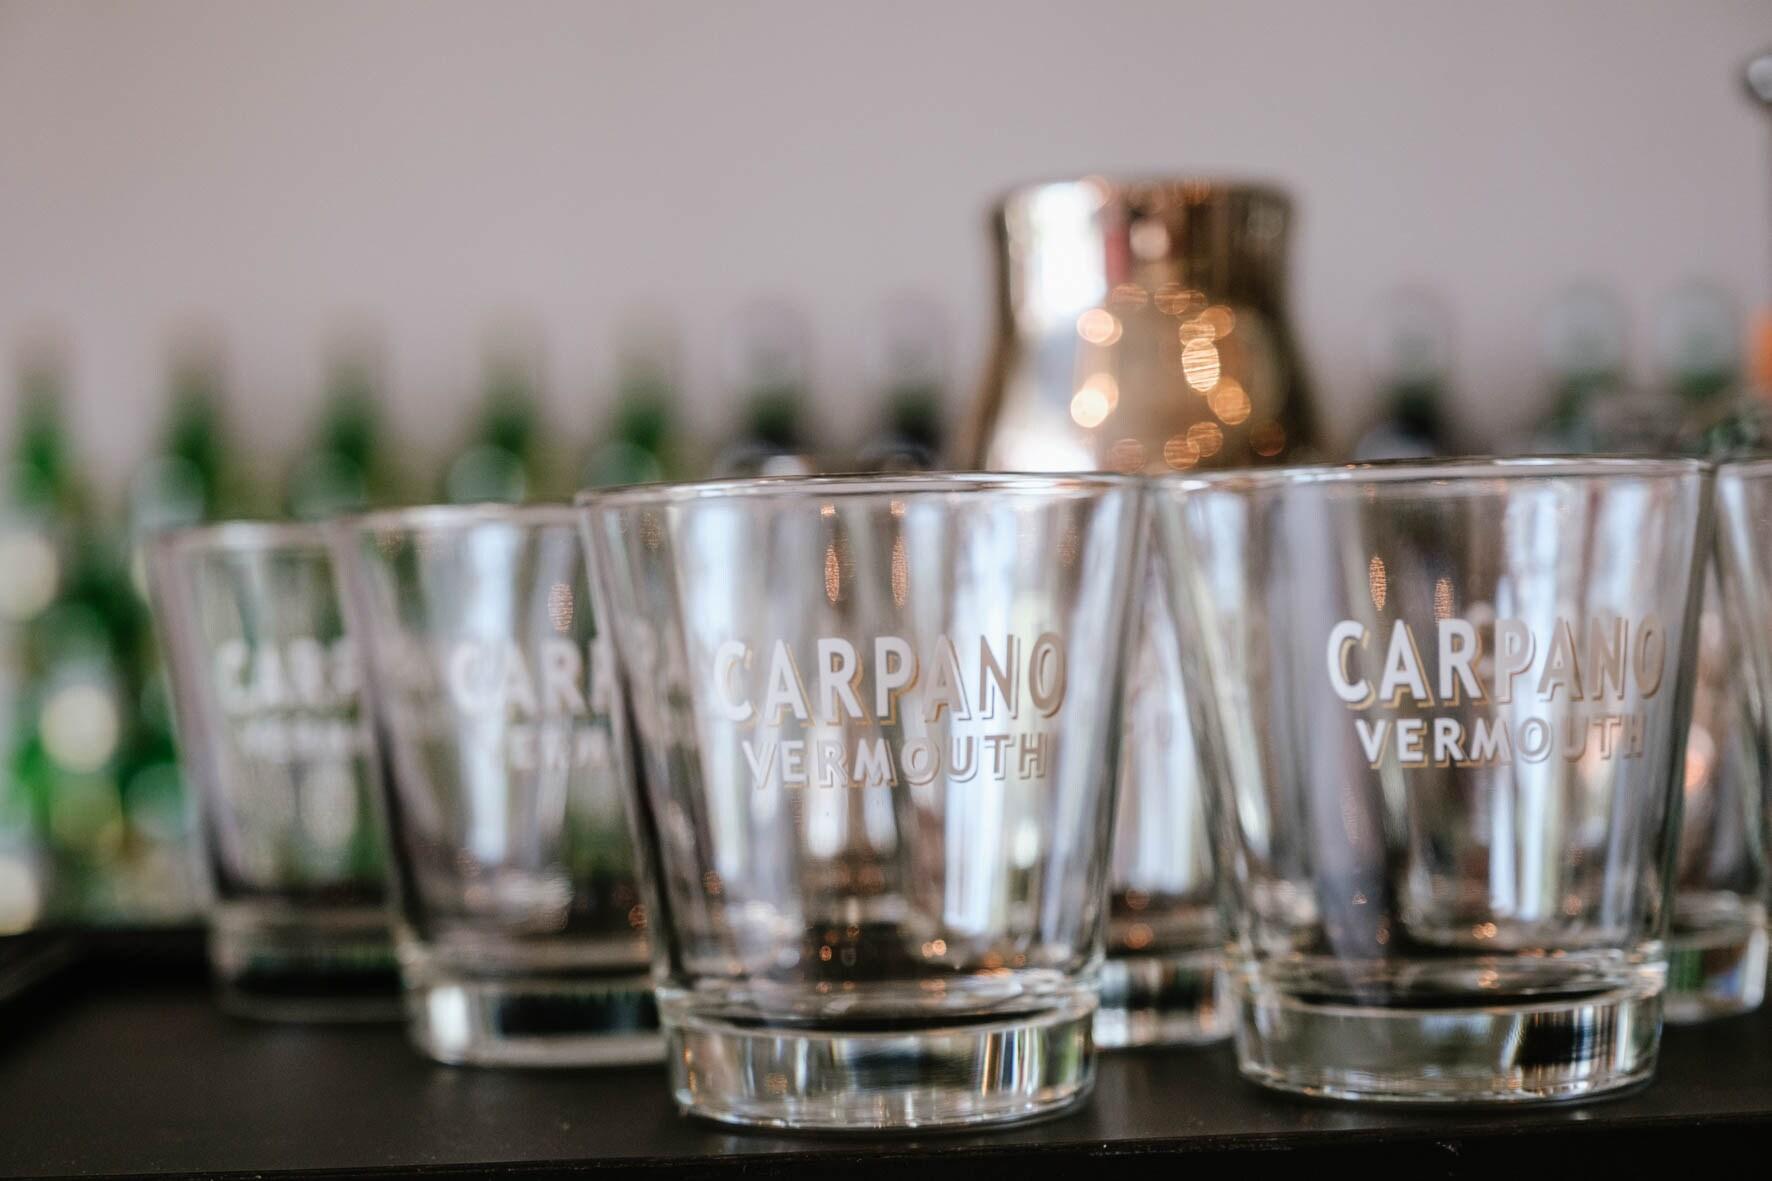 Carpano, Vermouth